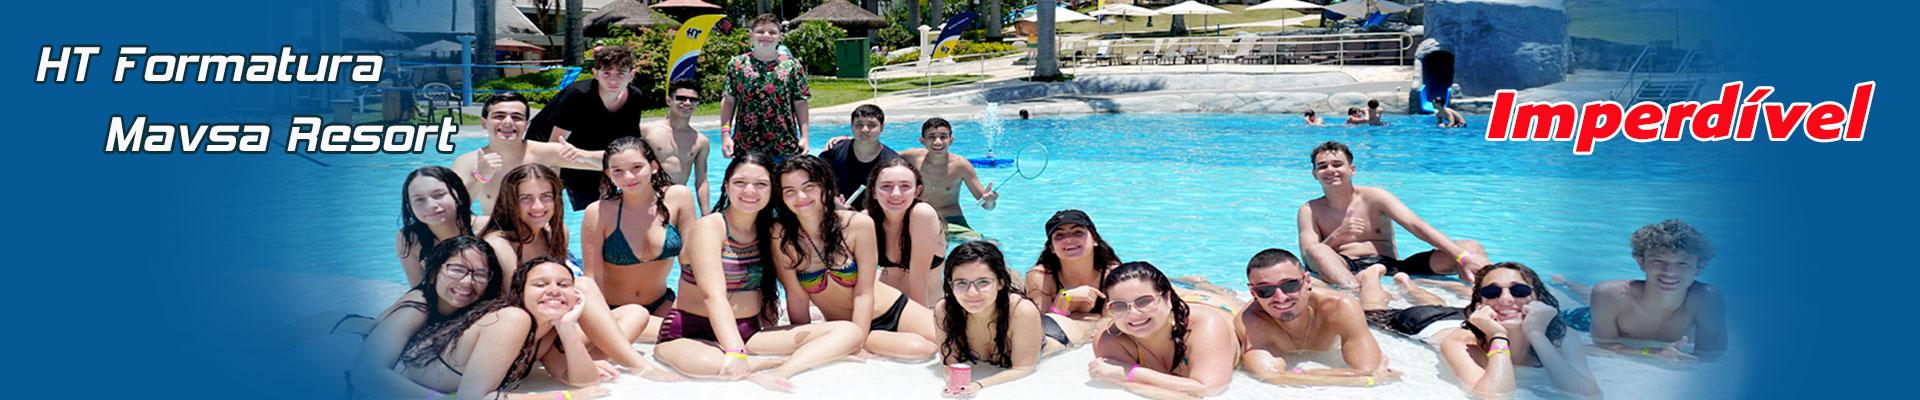 Viagem de Formatura Mavsa Resort